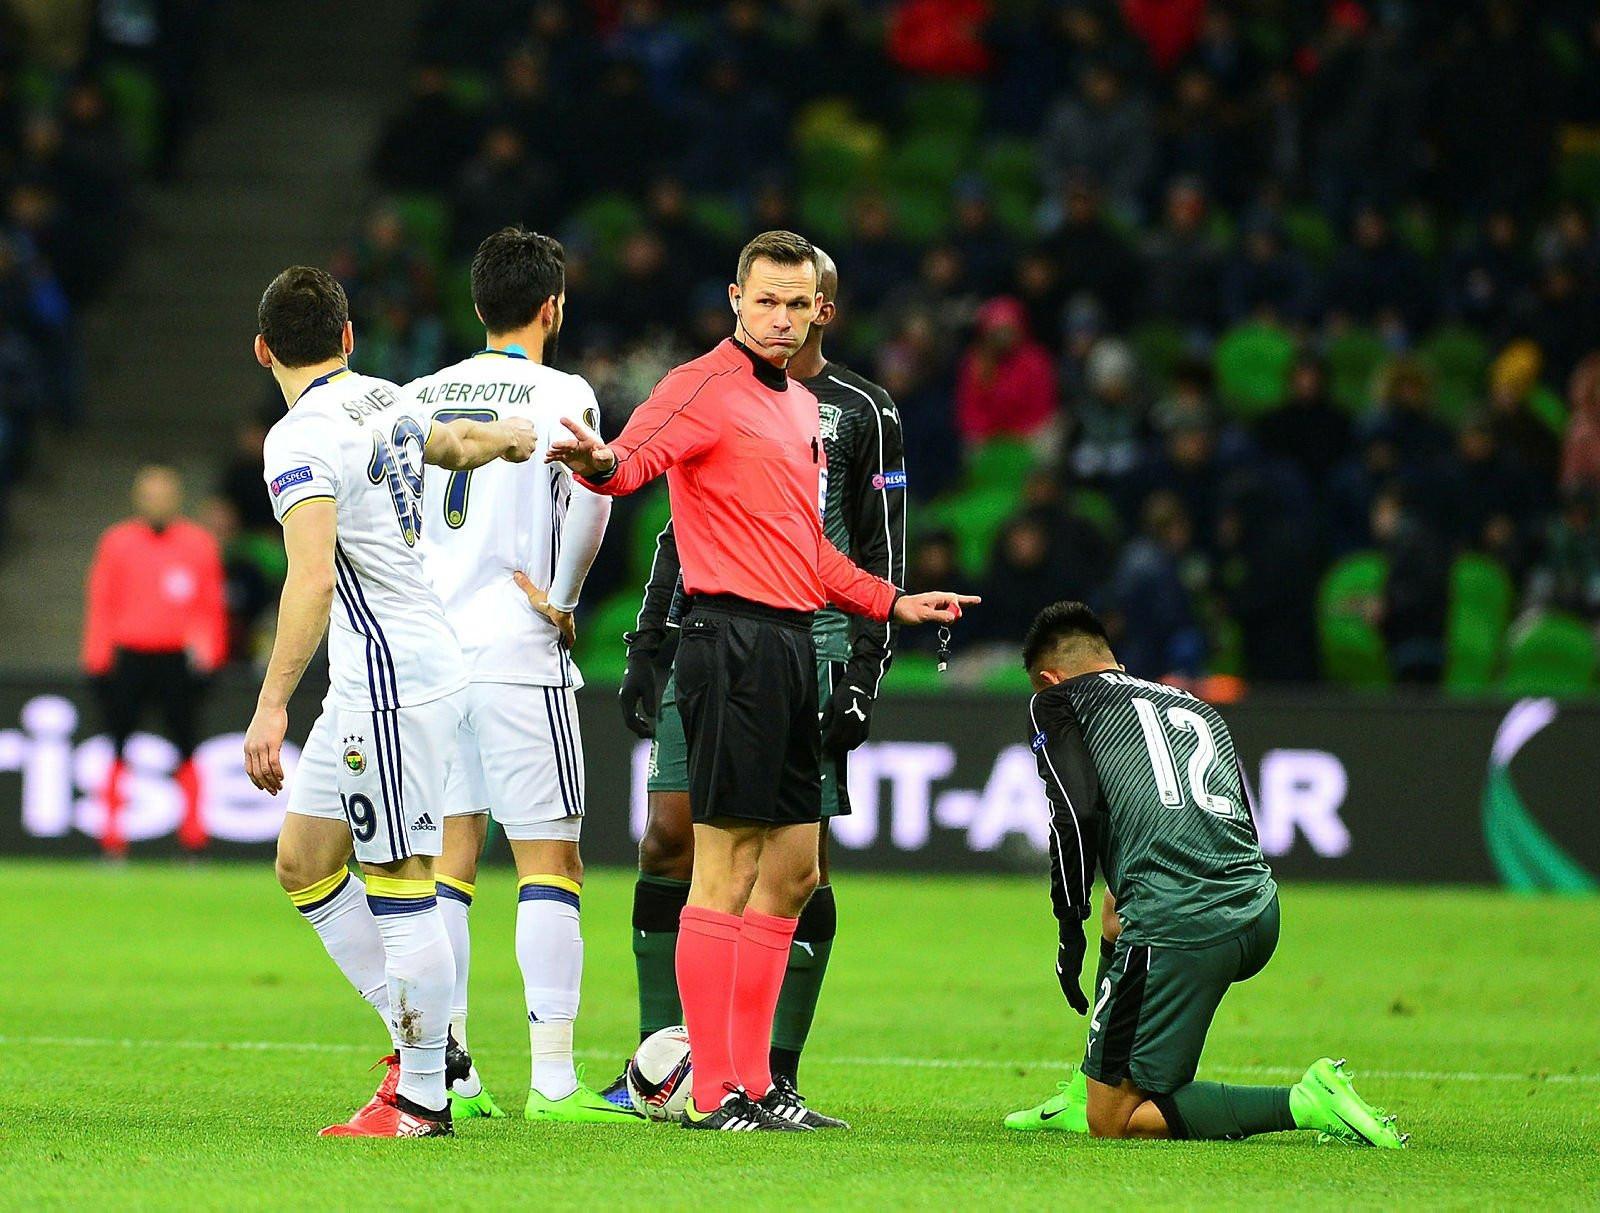 Galatasaray - Brugge maçı ne zaman saat kaçta hangi kanalda? - Resim: 1